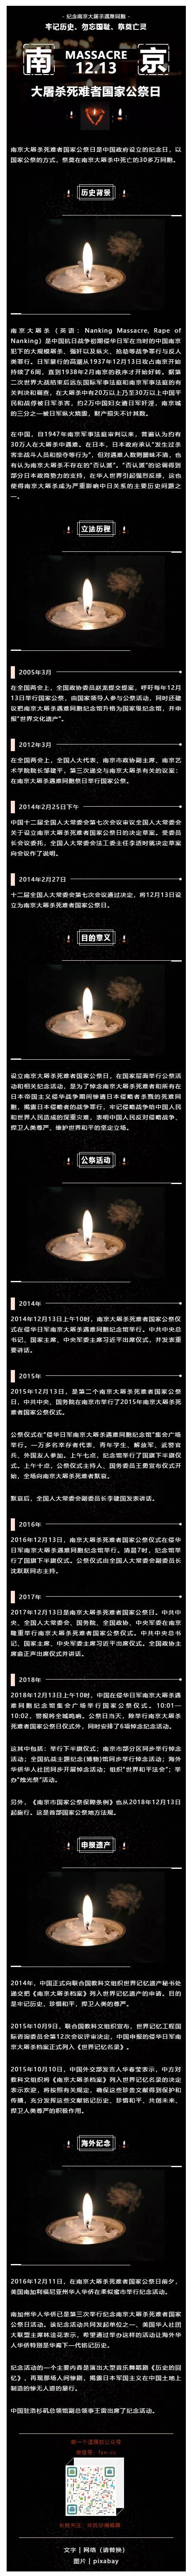 纪念南京大屠杀国家公祭日黑色深色背景微信推文模板